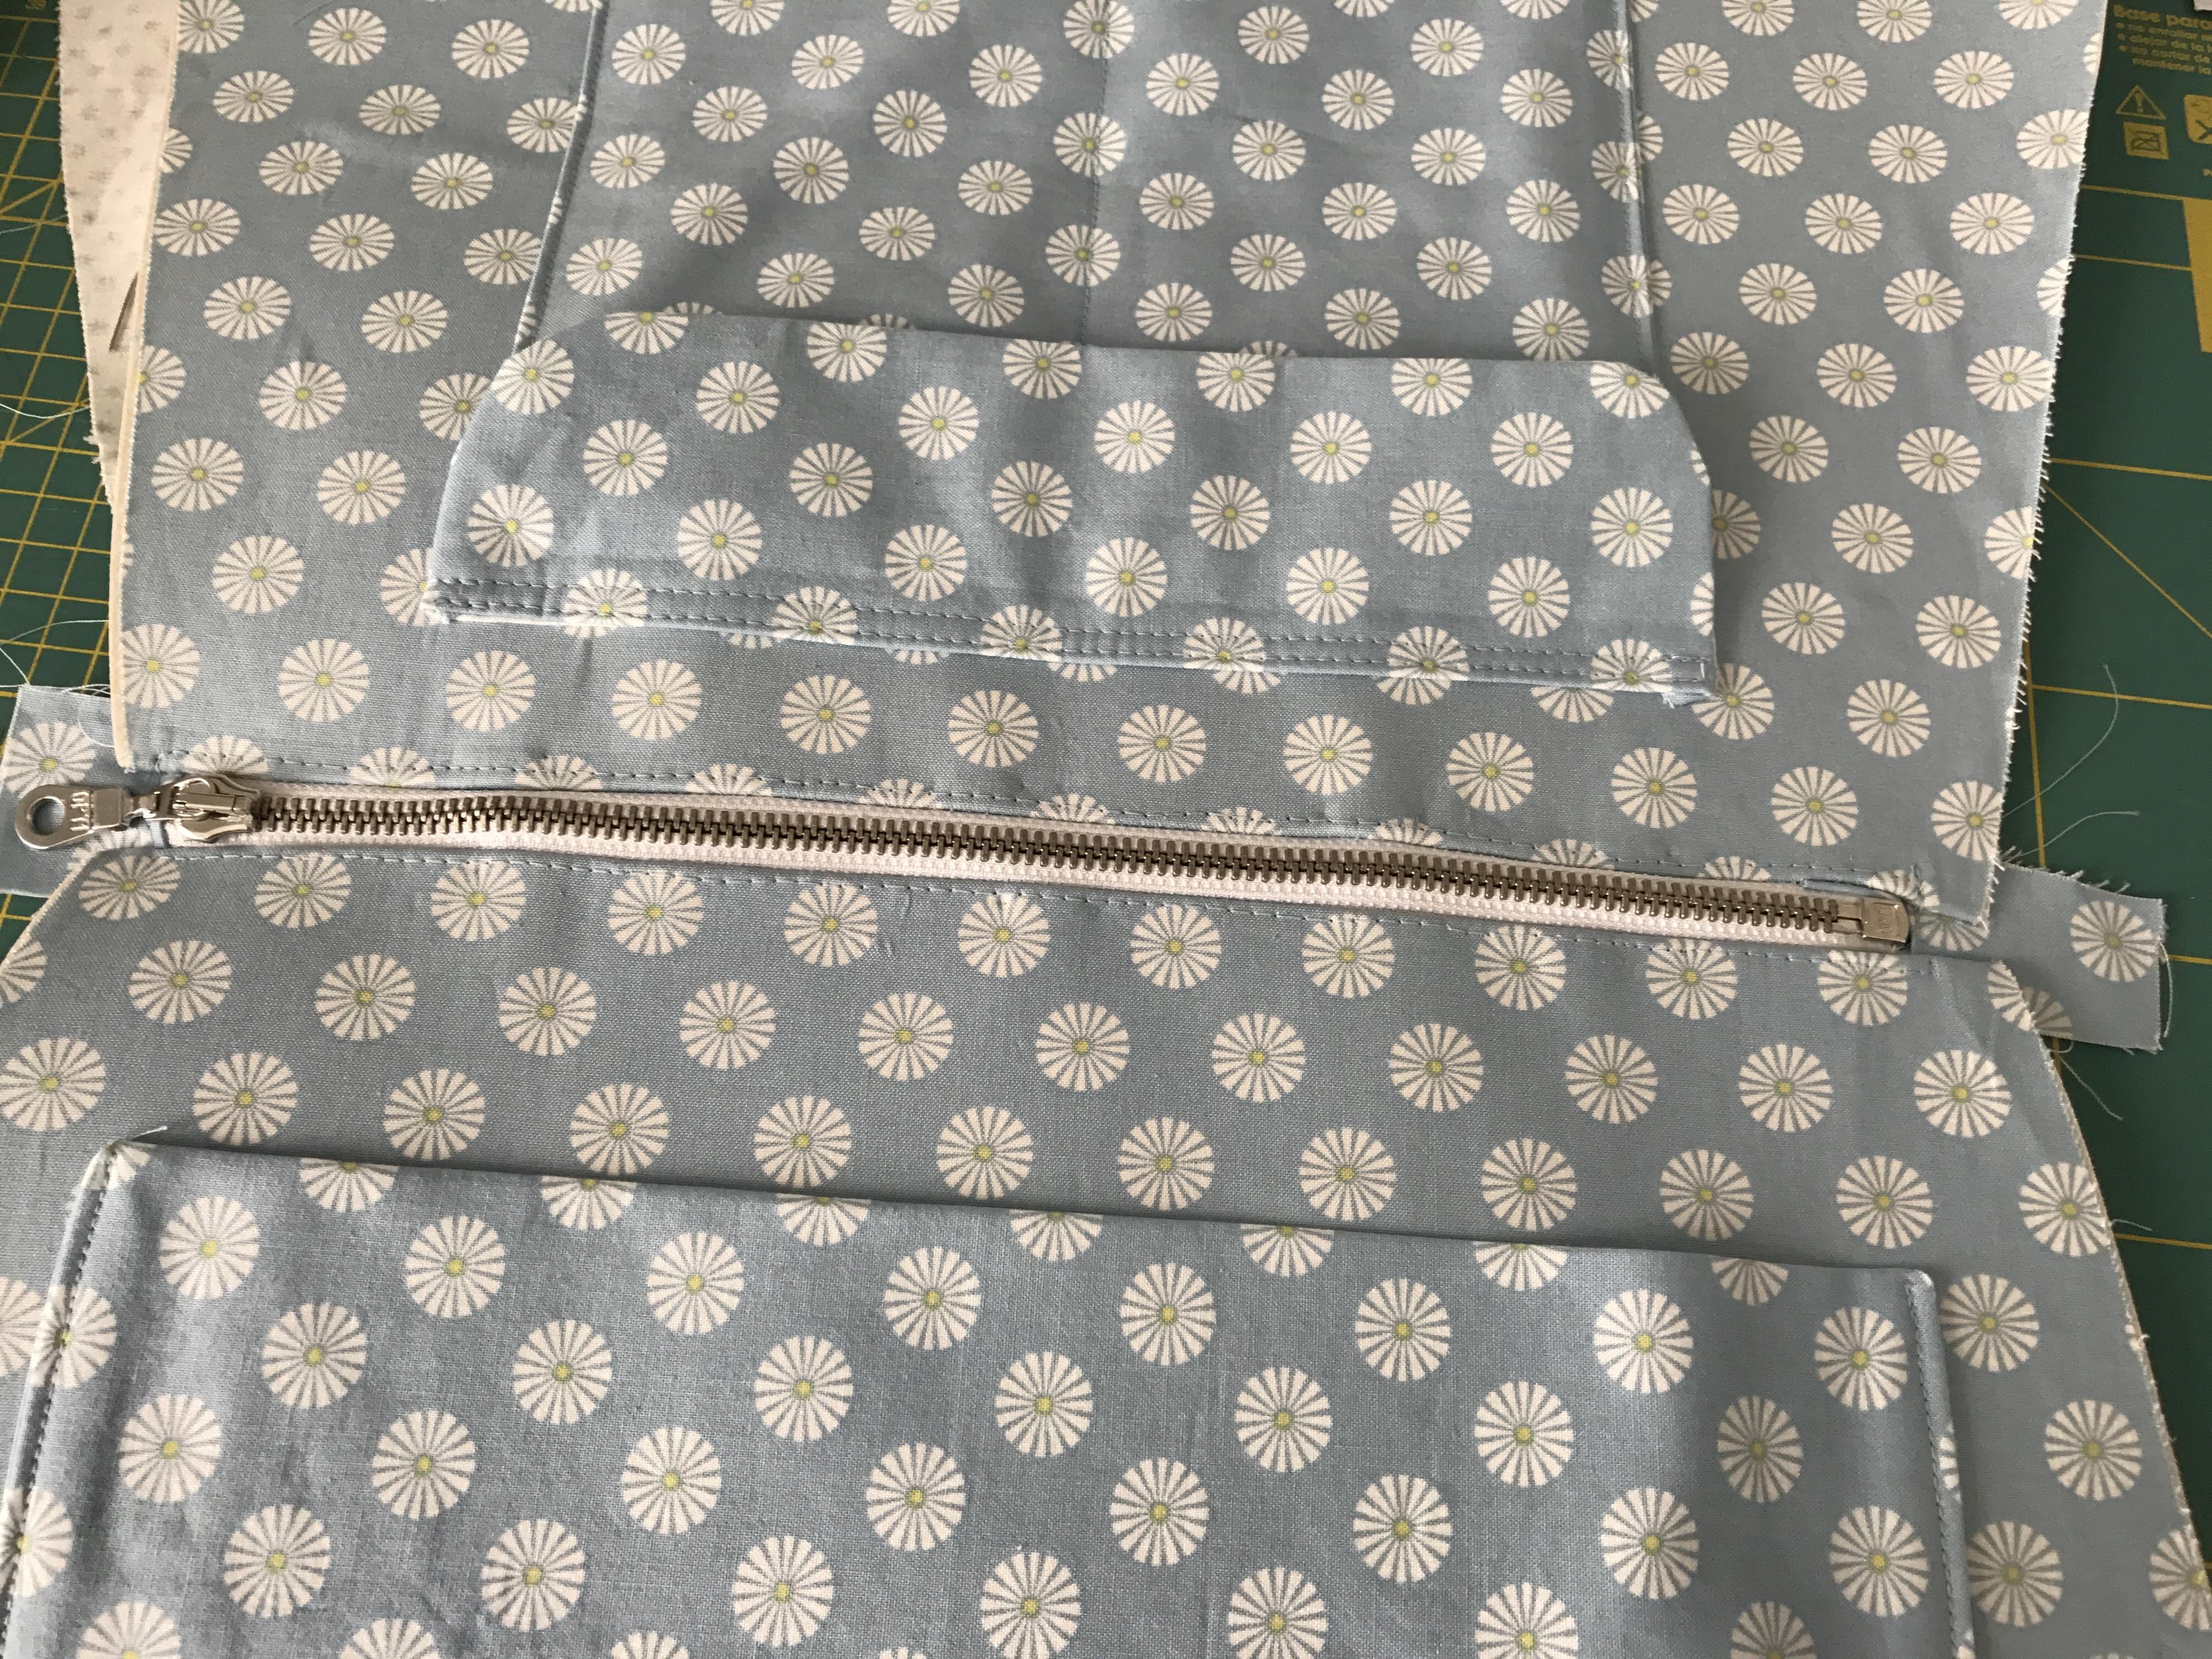 Handtasche nähen mit Schnittmuster mit vielen Innentaschen